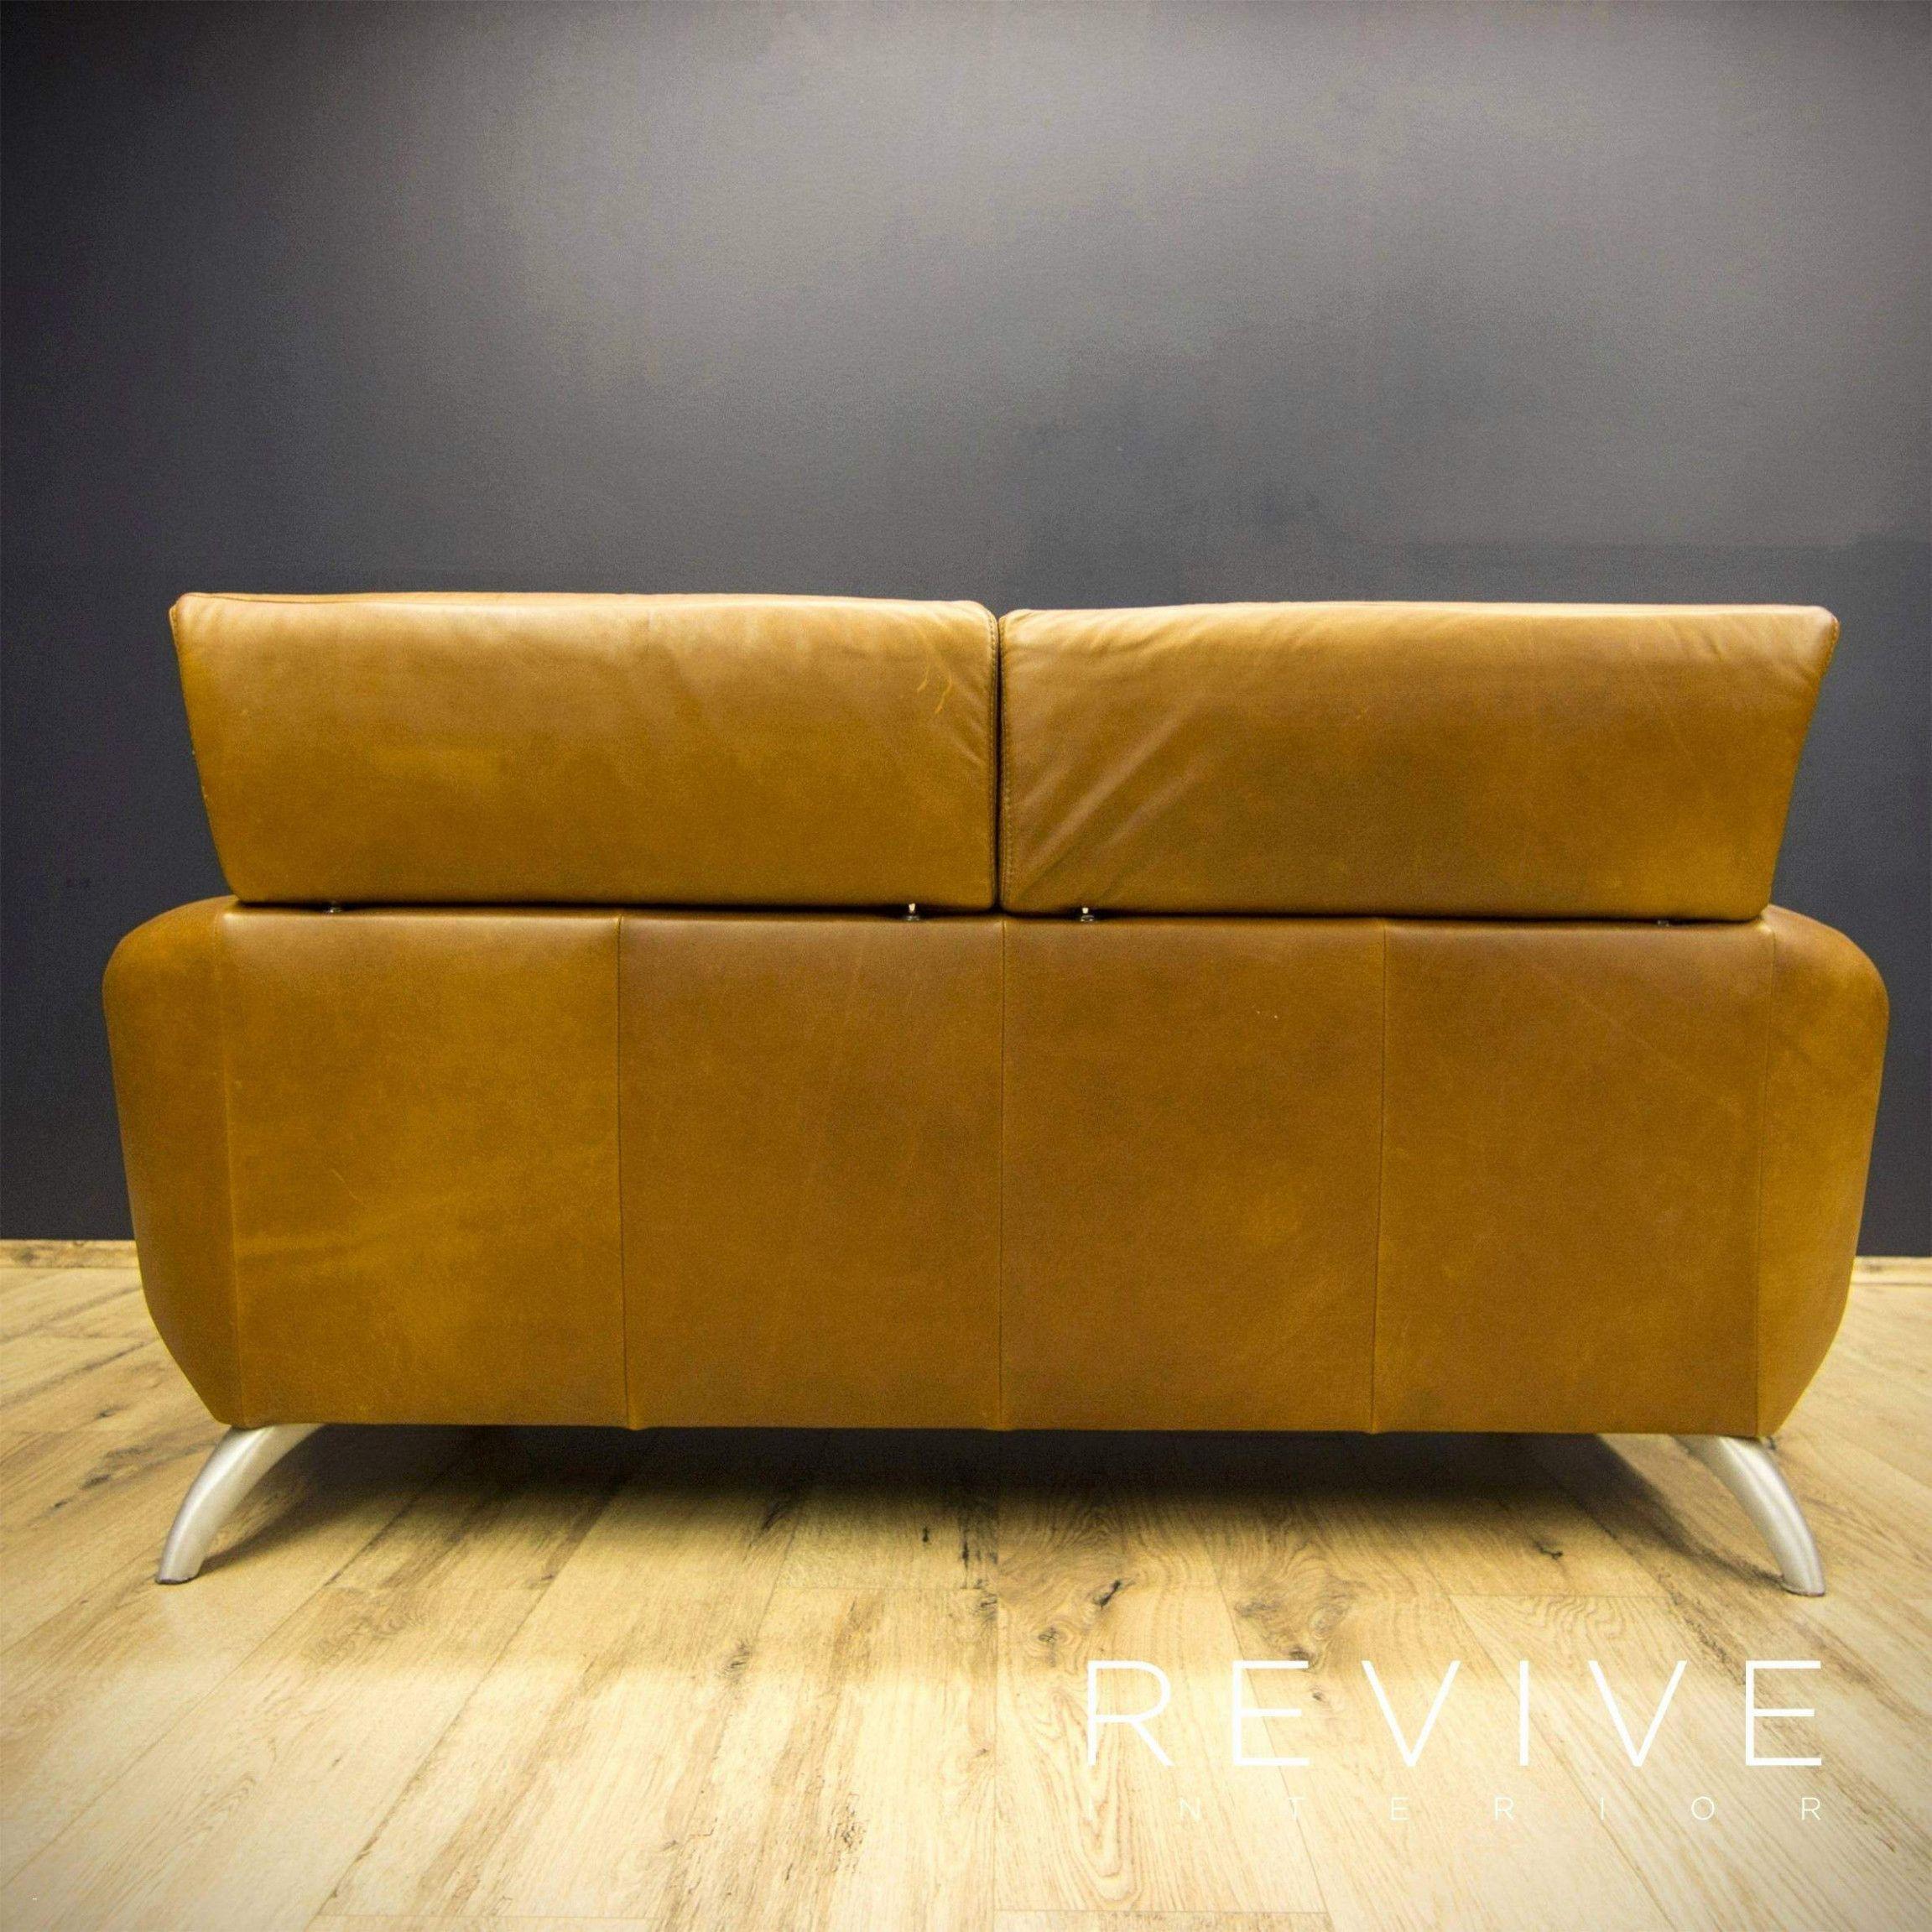 10 Wohnzimmer Verbau Trendy in 10  Designer couch, Couch leder